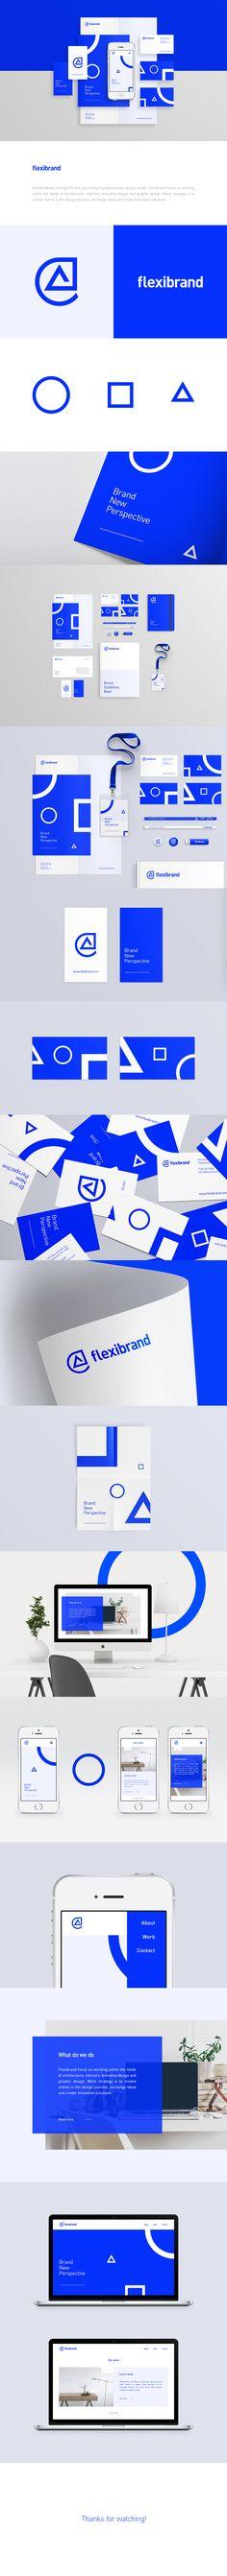 Flexibrand on Behance